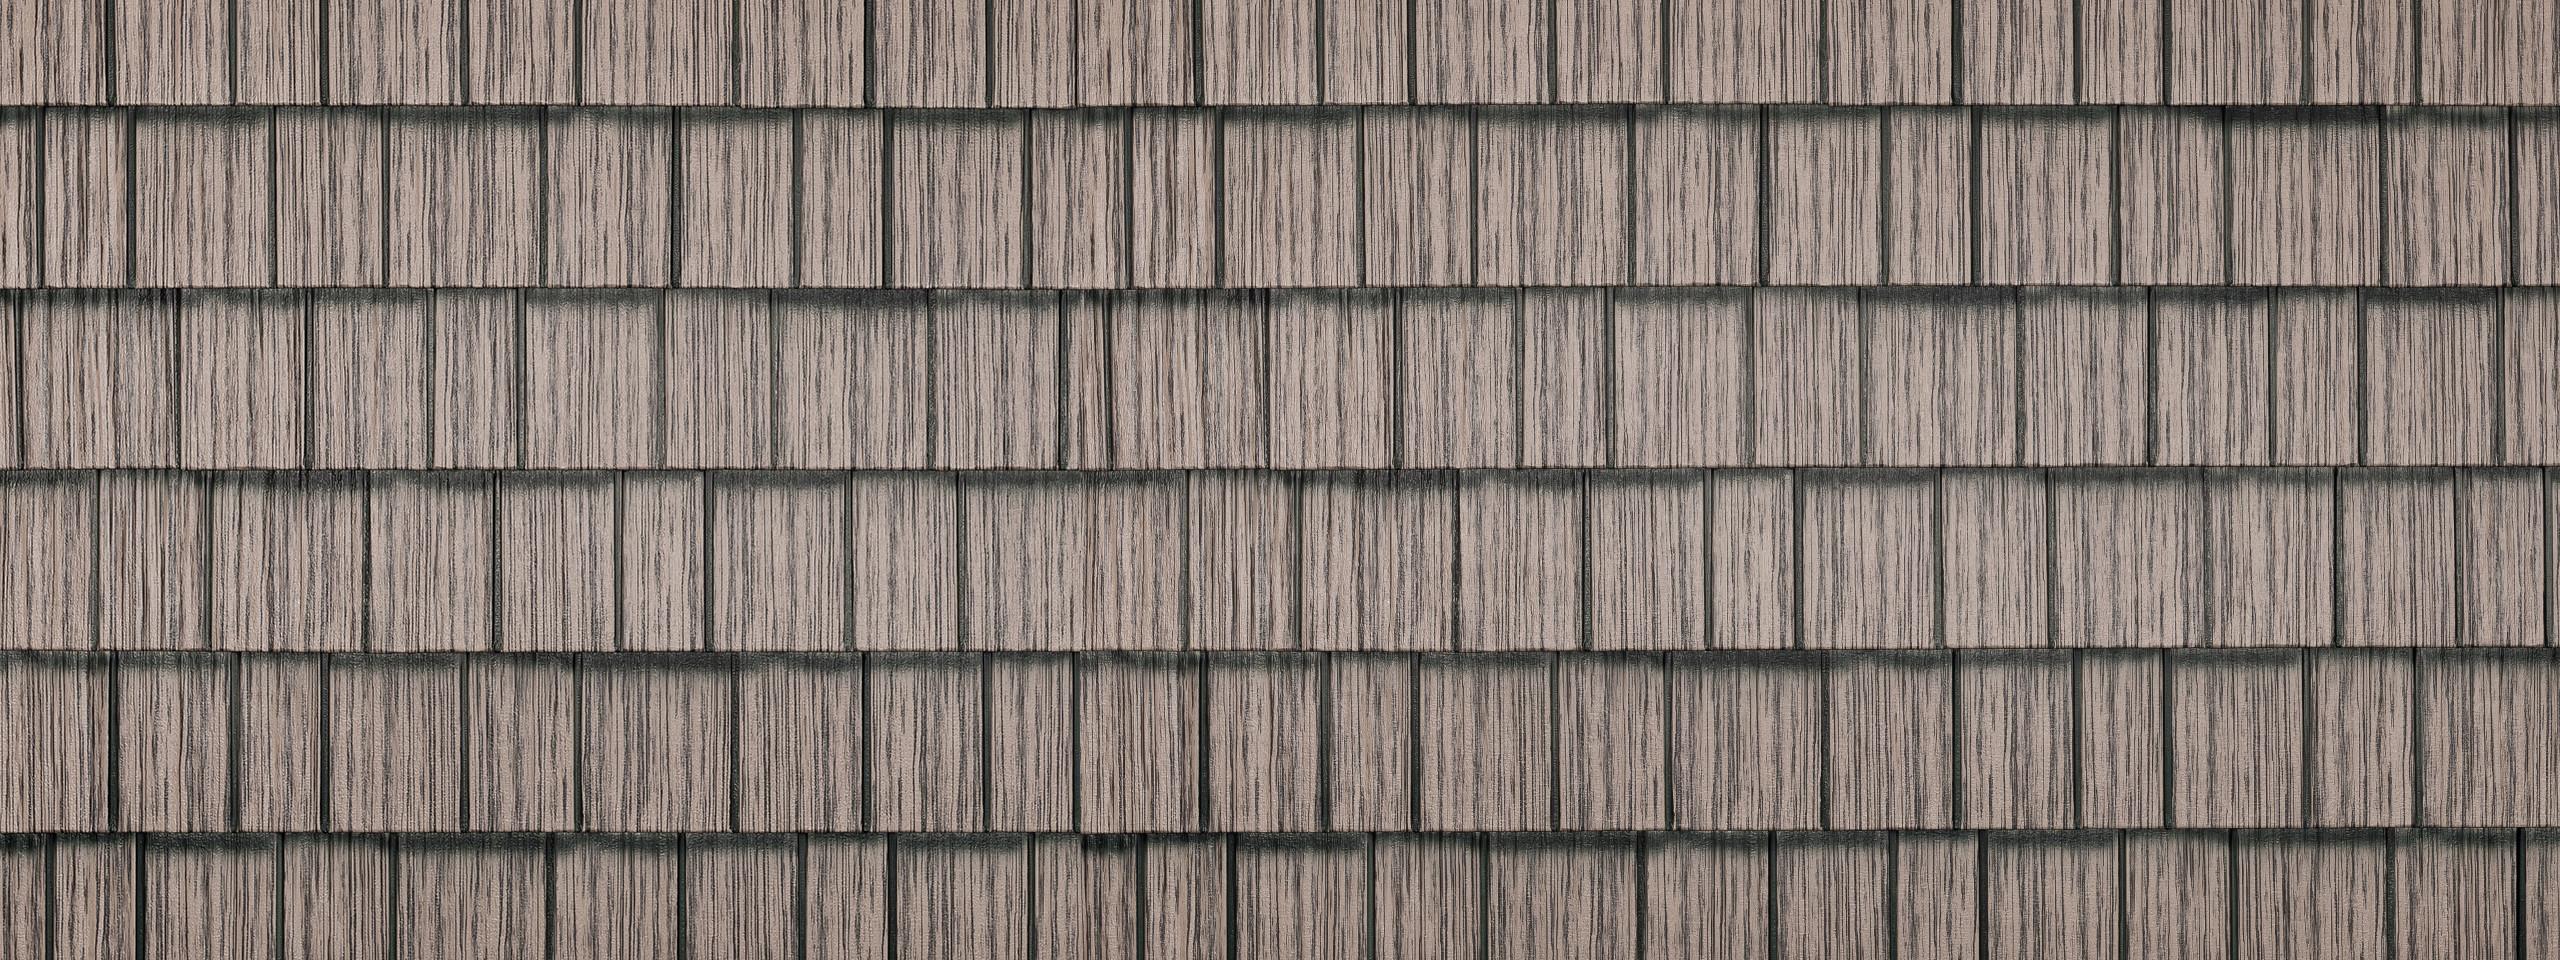 Sandstone generations hd shake steel roofing